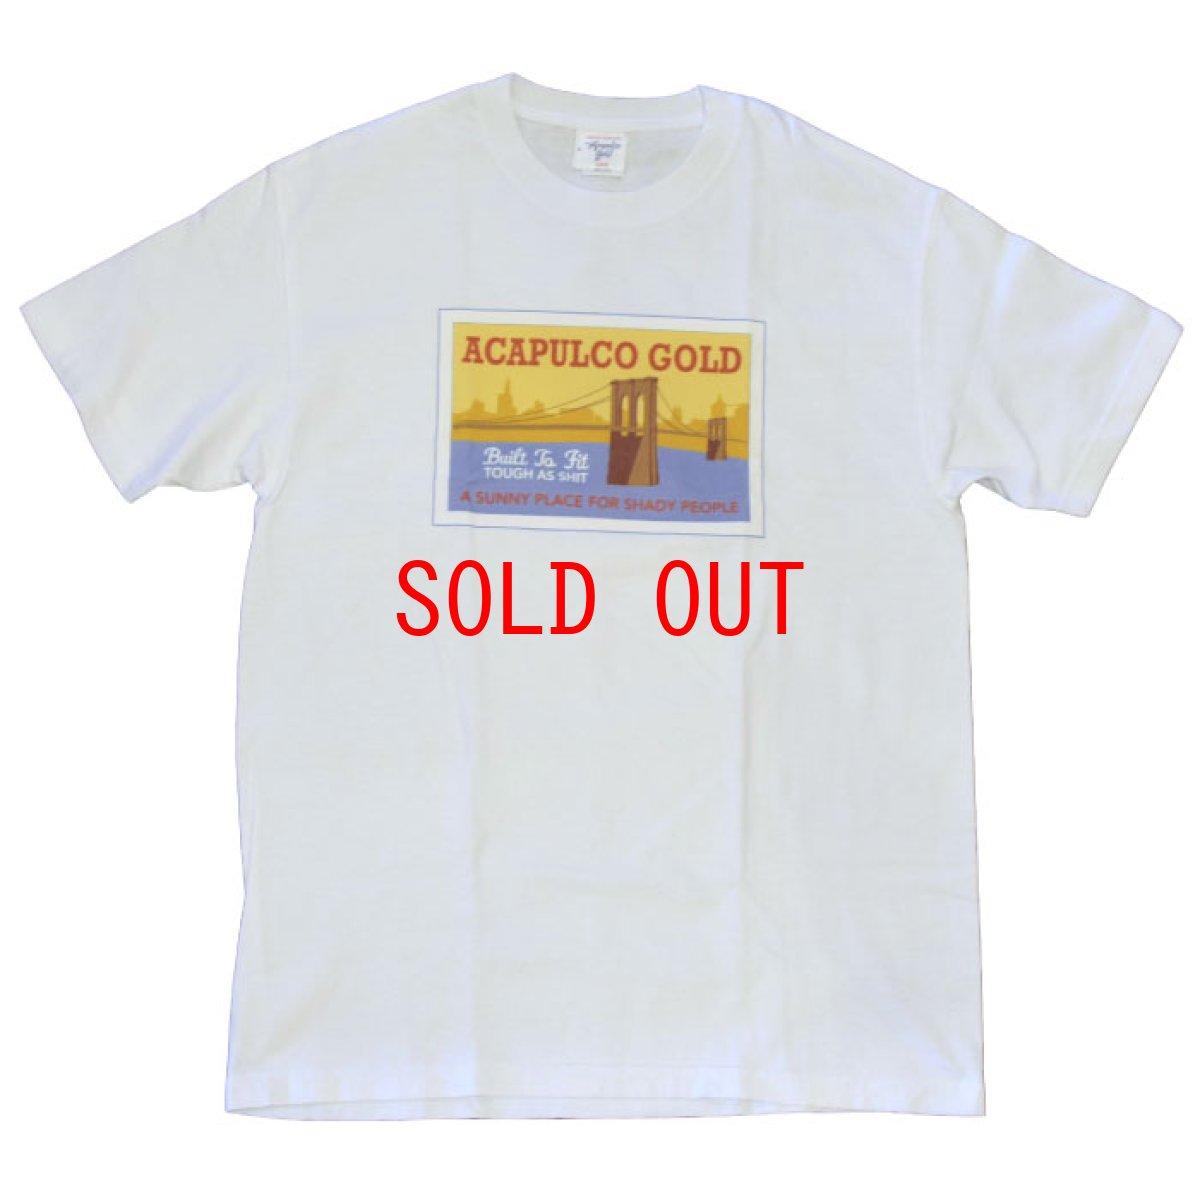 画像1: Acapulco Gold (アカプルコゴールド)Brooklyn Bridge S/S Tee White Black Tシャツ ブルックリン ブリッジ post card (1)